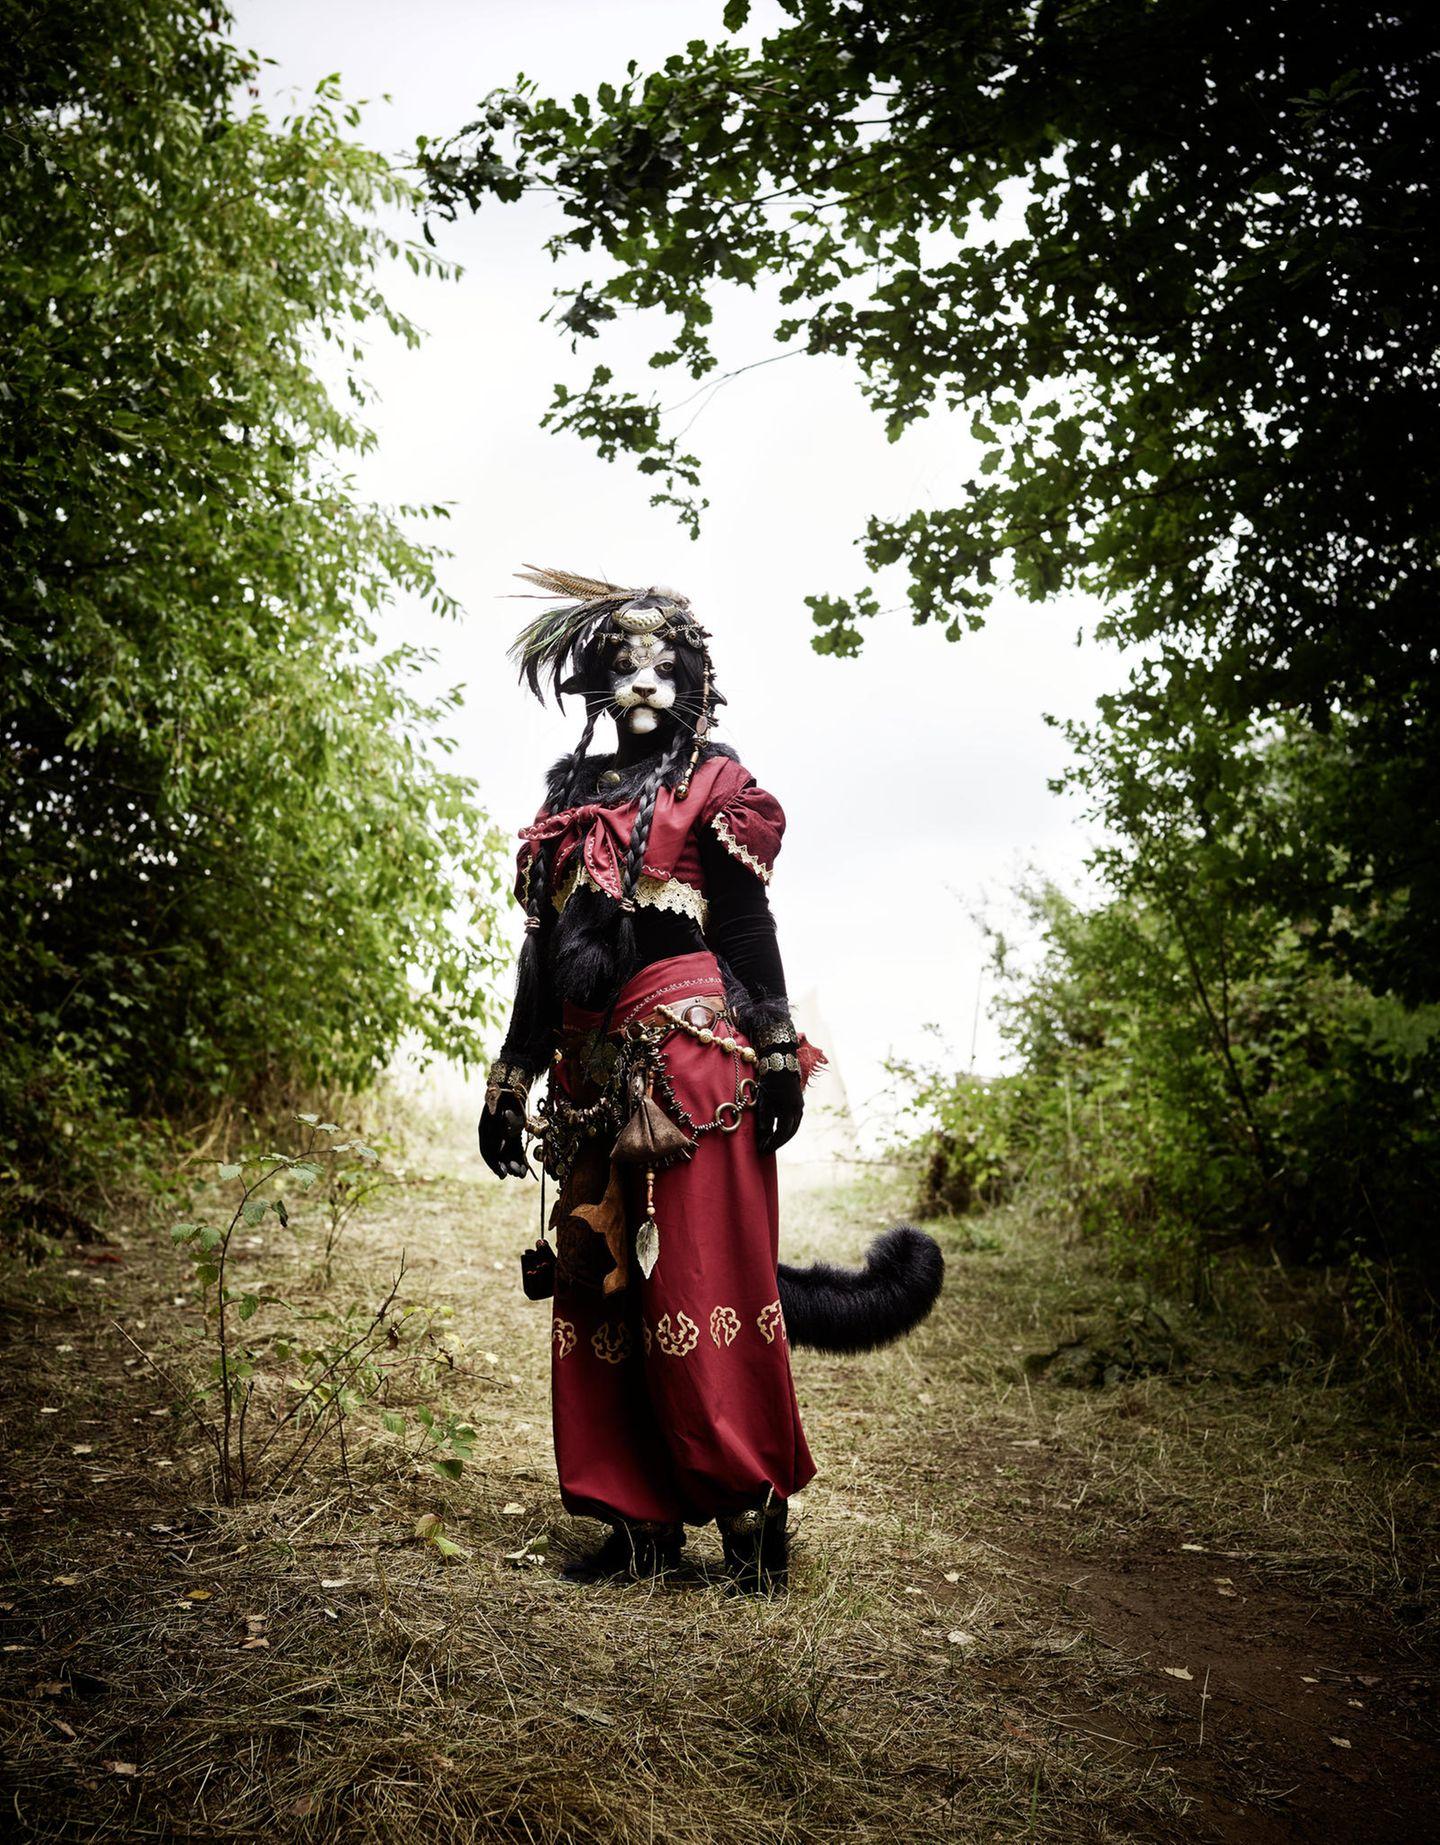 """""""Kimana"""" – Katzenwesen. 300 Stunden Arbeit stecken in dieser Aufmachung mit echten Falkenfedern. Und hinter der Maske steckt Mia aus München, die jahrelang an jedem Detail gearbeitet hat. Mia kratzt gern an der Oberfläche. Das echte Leben ist ihr ein bisschen langweilig"""